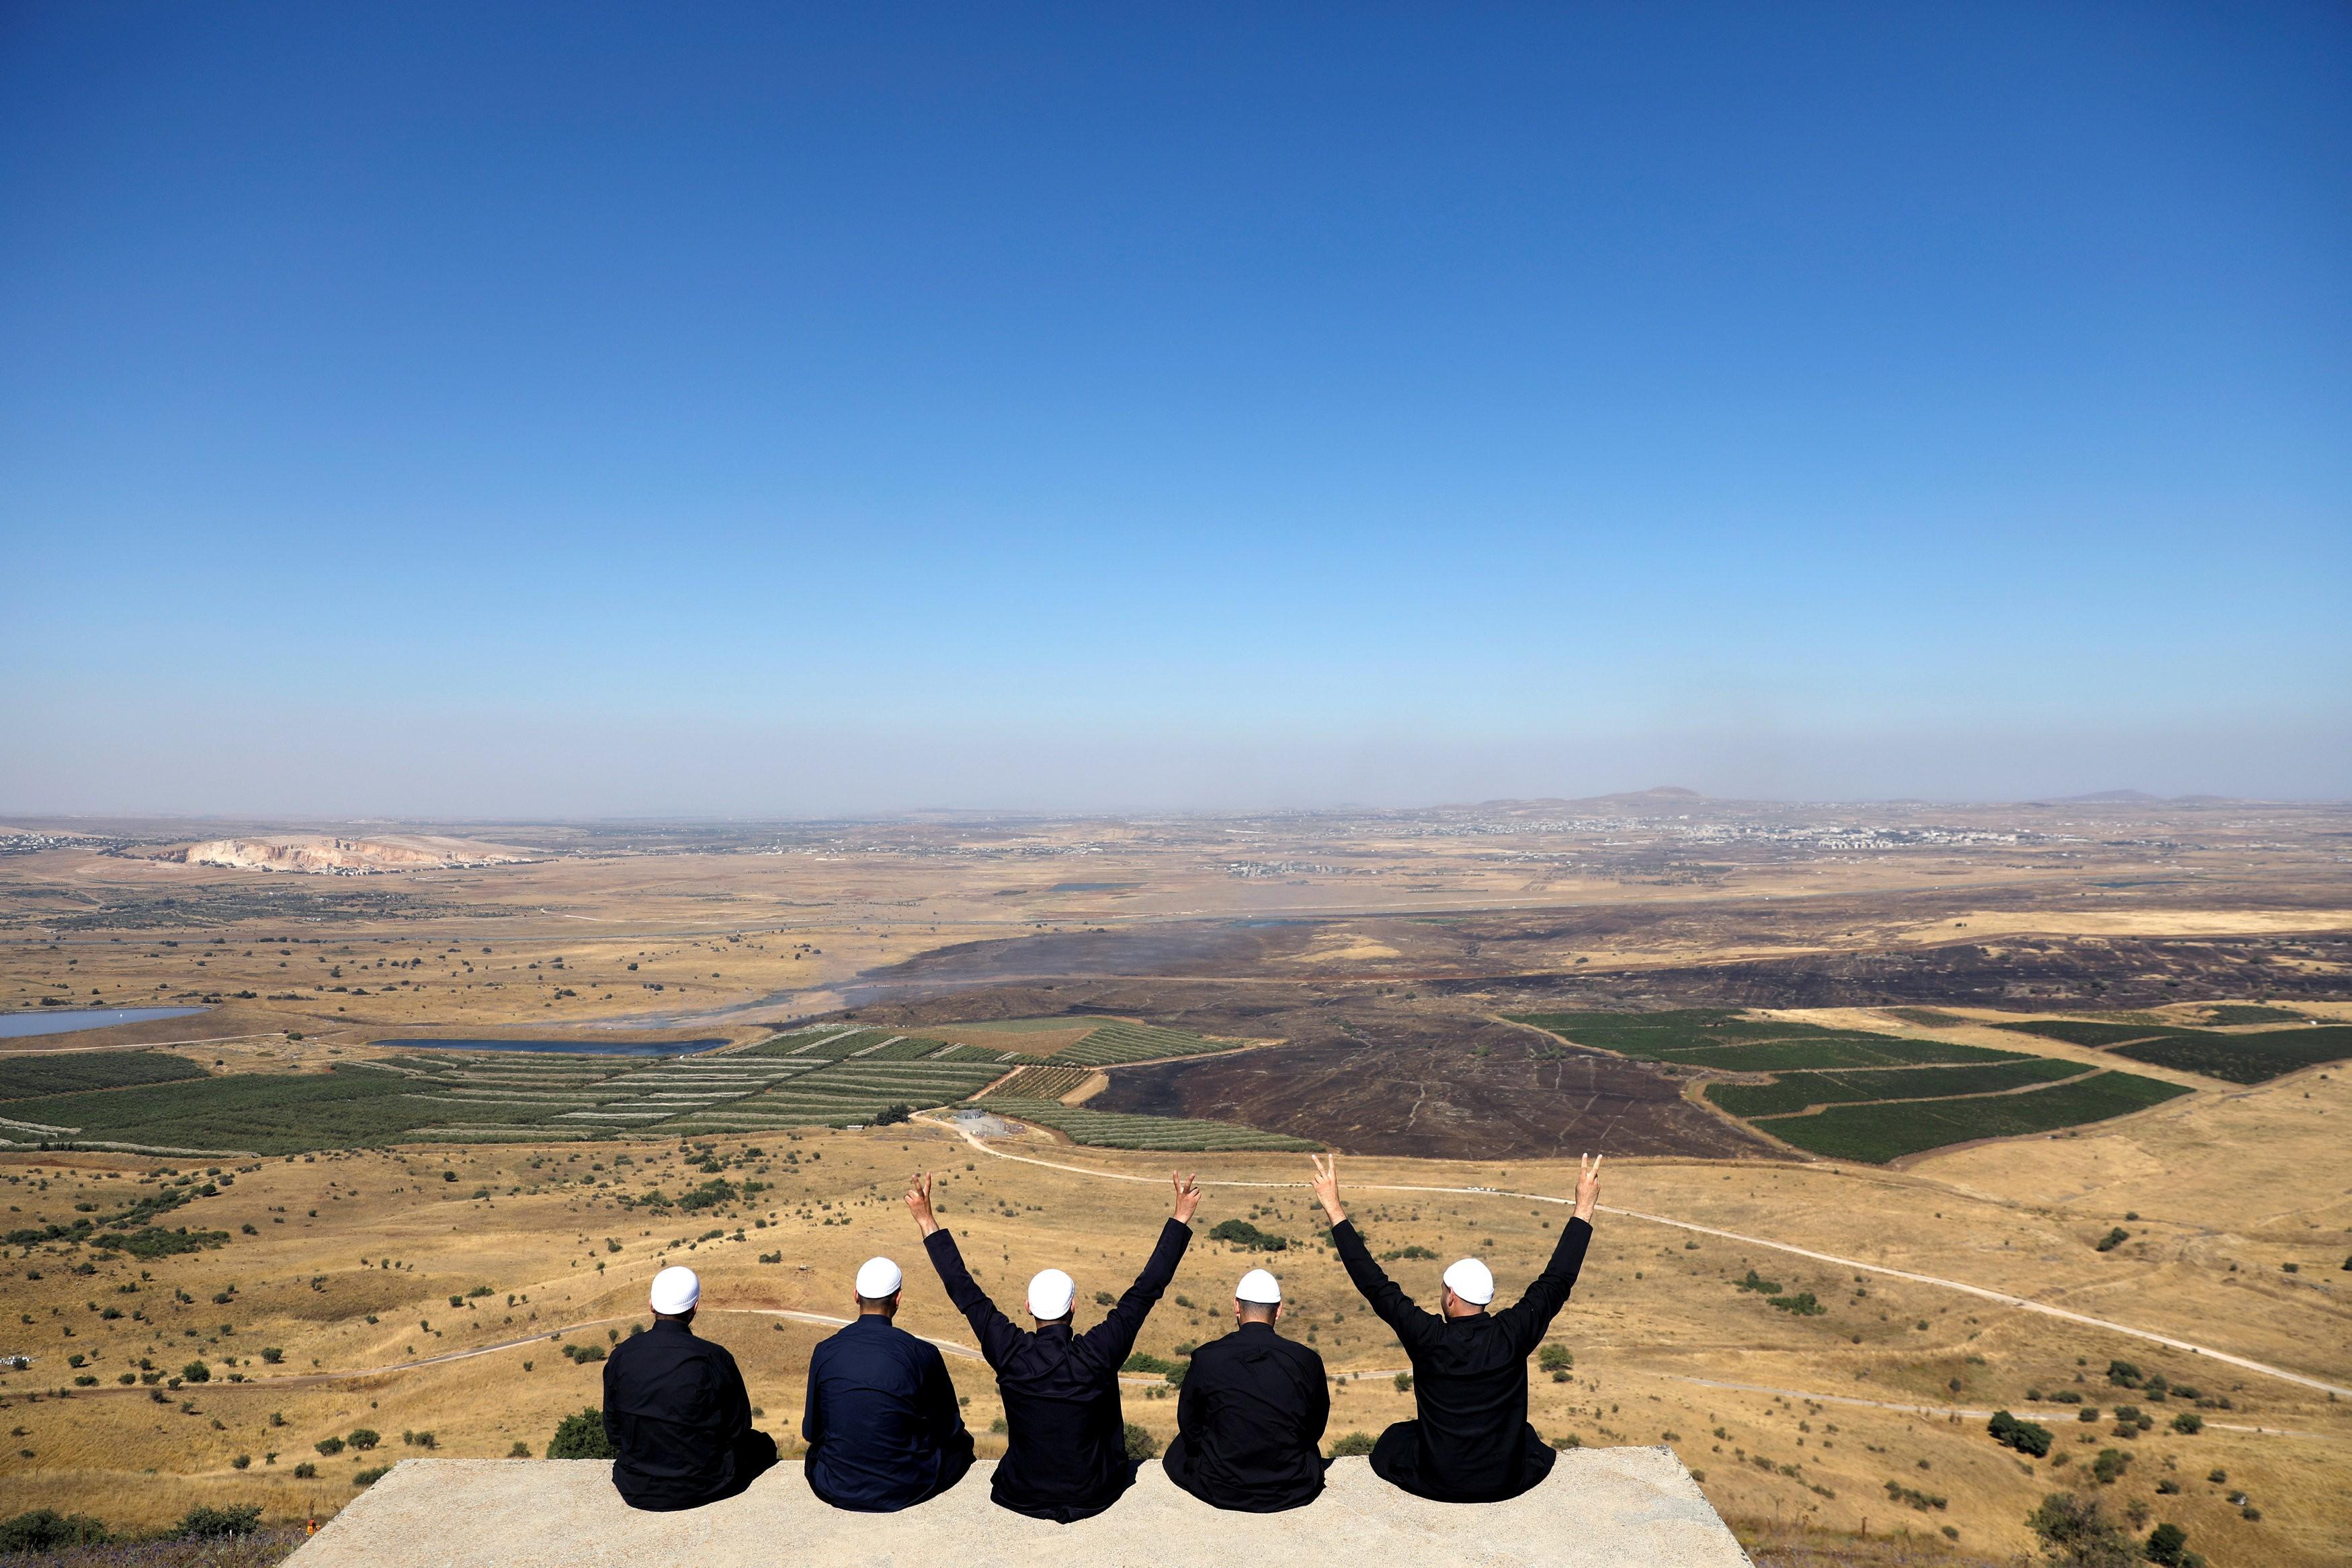 Nas Colinas de Golã, drusos no lado ocupado por Israel olham para o território sírio